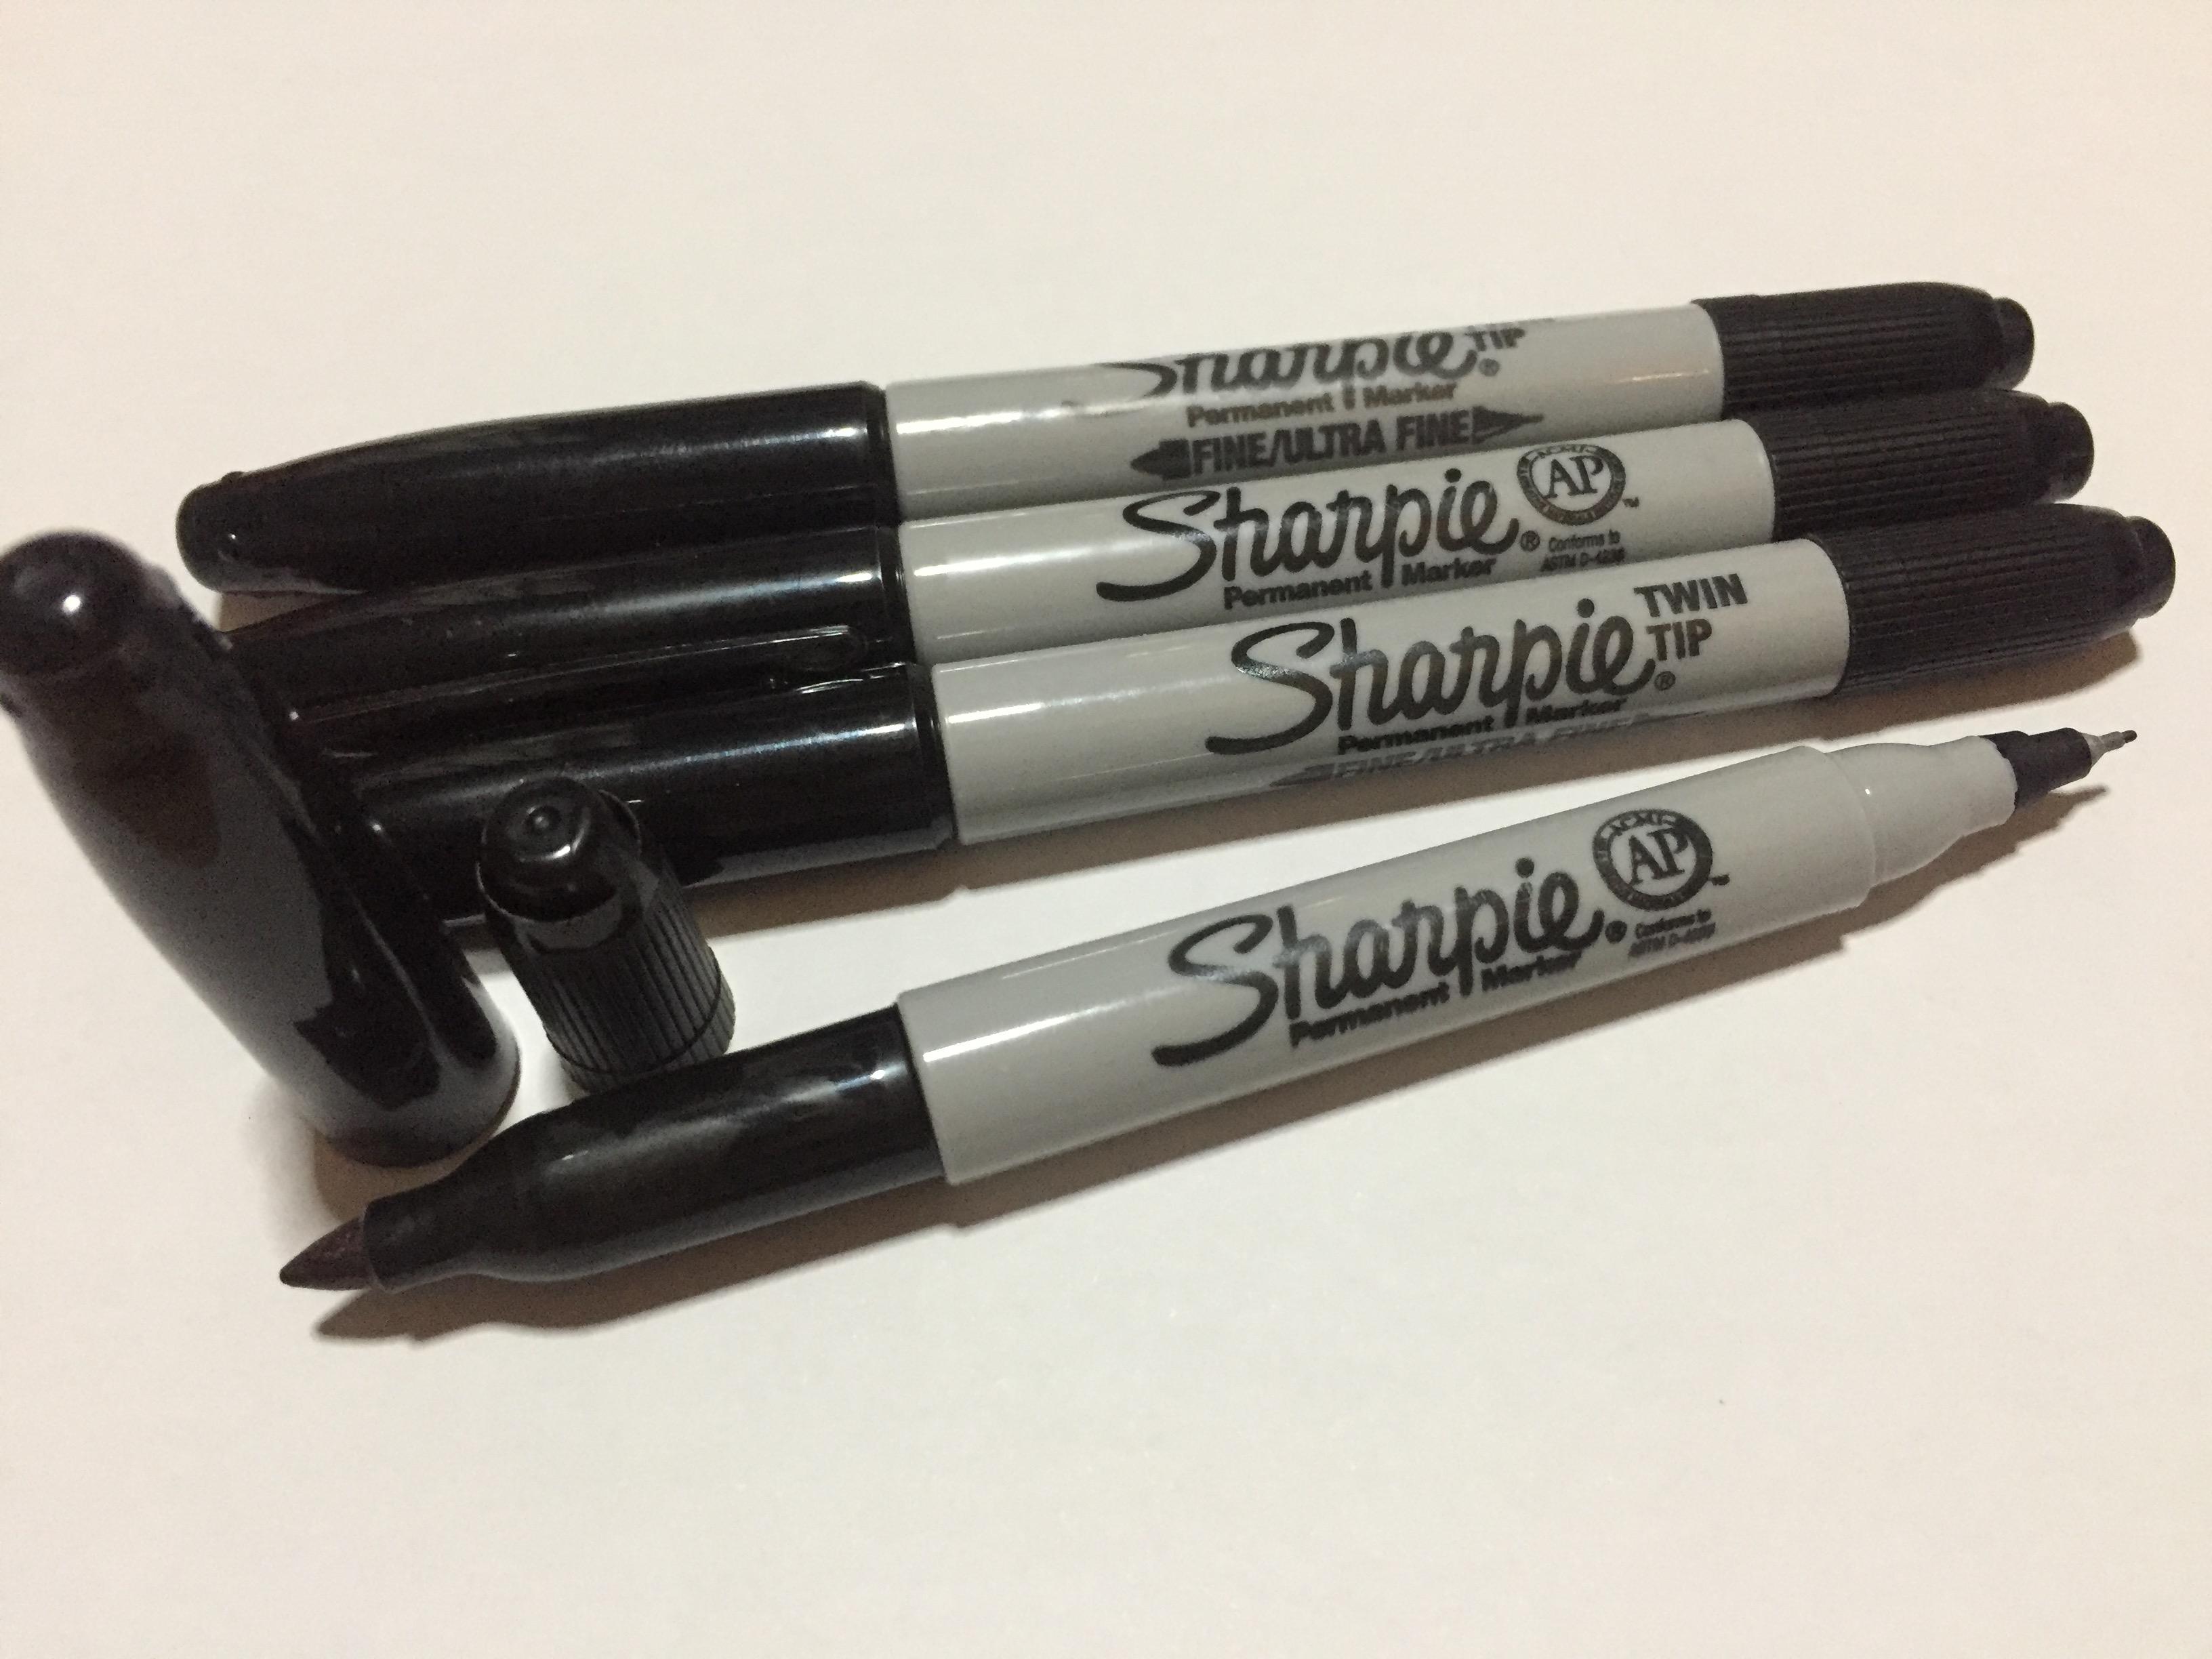 ปากกาจ่าหน้าซองพลาสติก ตราชาร์ปี้ Sharpie 2หัว